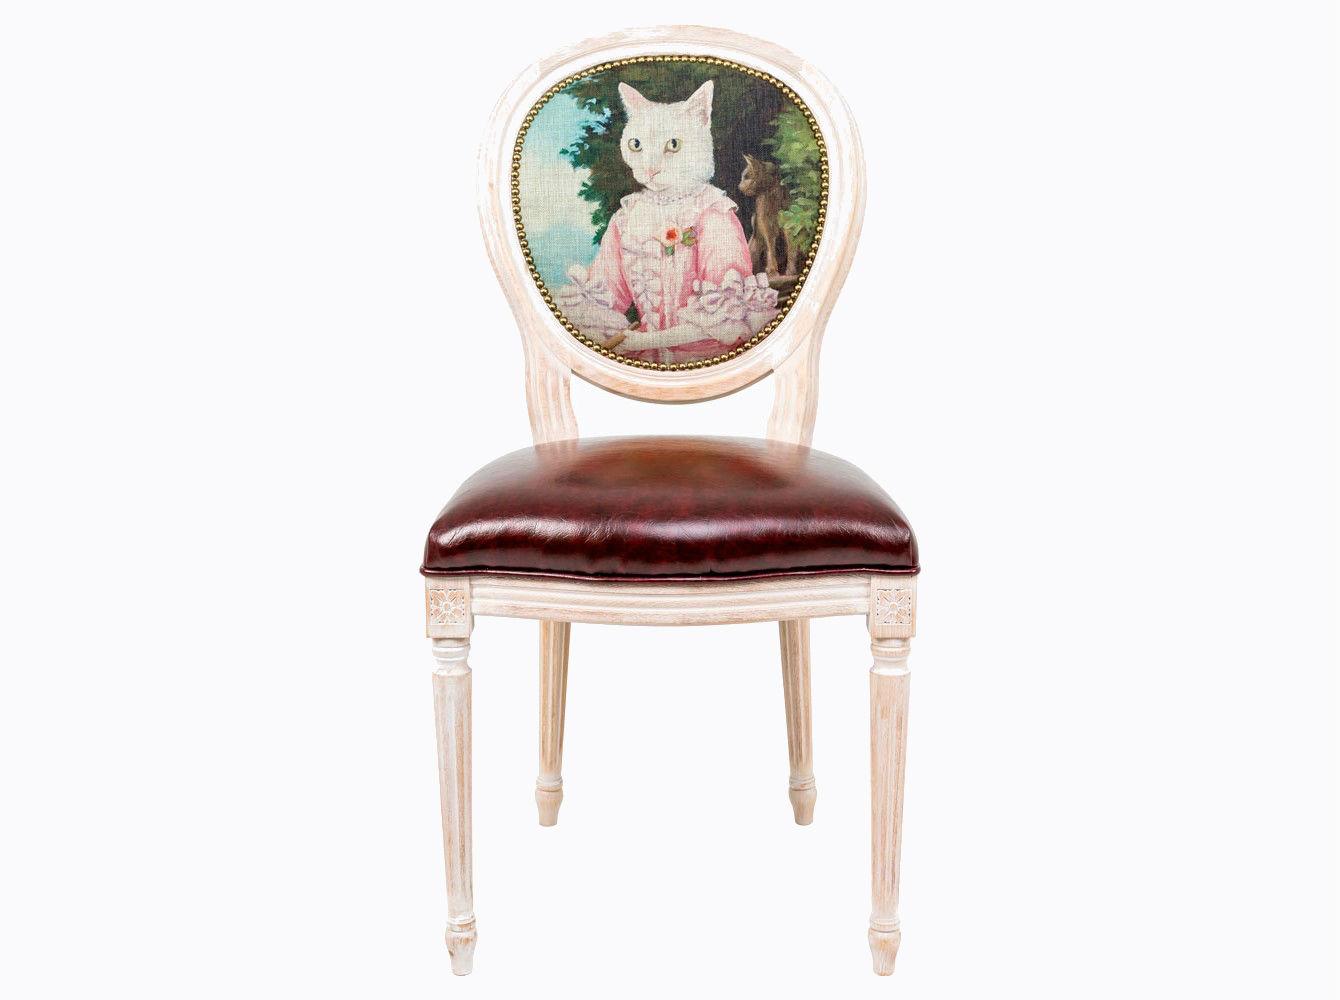 Стул «Музейный экспонат», версия 35Обеденные стулья<br>Дизайн стула &amp;quot;Музейный экспонат&amp;quot; создан эффектом экстравагантных контрастных сочетаний. Глянцевое шоколадное сиденье объединилось с шелковистой льняной спинкой, а королевский силуэт эпохи Луи-Филиппа - с рисунком в жанре современного анимализма, подражающего ярким придворным полотнам эпохи Возрождения. <br>Корпус стула изготовлен из натурального бука. &amp;amp;nbsp;По эксклюзивному дизайну &amp;quot;Объекта мечты&amp;quot; корпусы стульев серии &amp;quot;Музейный экспонат&amp;quot; выточены, брашированы и патинированы в Италии. <br>В дизайне &amp;quot;Музейный экспонат&amp;quot; резьба играет ведущую роль: стул украшен вычурными желобками и цветочными узорами, выточенными с ювелирной меткостью. <br>Комфортабельность, прочность и долговечность сиденья обеспечены подвеской из эластичных ремней. Обивка оснащена тефлоновым покрытием против пятен. <br>Не упустите возможности обладания поистине уникальной дизайнерской мебелью, - коллекция &amp;quot;Музейный экспонат&amp;quot; выпущена лимитированными экземплярами. <br>Дизайны от &amp;quot;Объекта мечты&amp;quot; - классические сочетания Вашего интерьера.<br>&amp;lt;div&amp;gt;&amp;lt;br&amp;gt;&amp;lt;/div&amp;gt;&amp;lt;div&amp;gt;Каркас - натуральное дерево бука, обивка сиденья и оборотной стороны спинки - эко-кожа, обивка спинки: 29% лен, 9 % хлопок, 72% полиэстер&amp;lt;br&amp;gt;&amp;lt;/div&amp;gt;<br><br>Material: Дерево<br>Ширина см: 55<br>Высота см: 95<br>Глубина см: 50